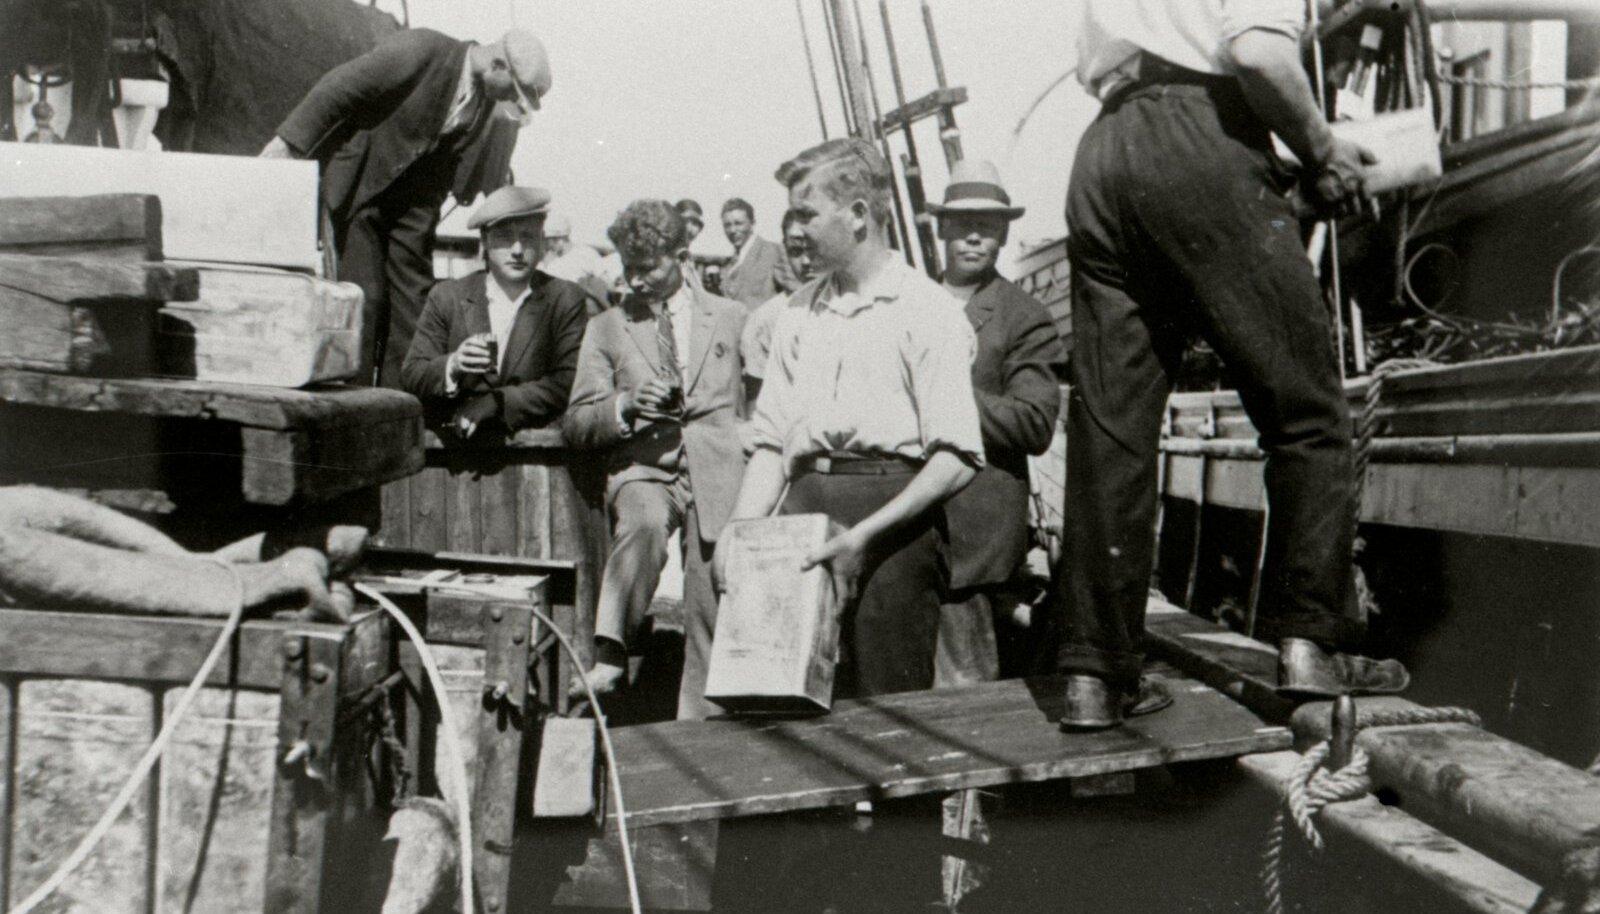 Salapiirituse lastimise foto on tehtud 1926. aastal Soome lahel.